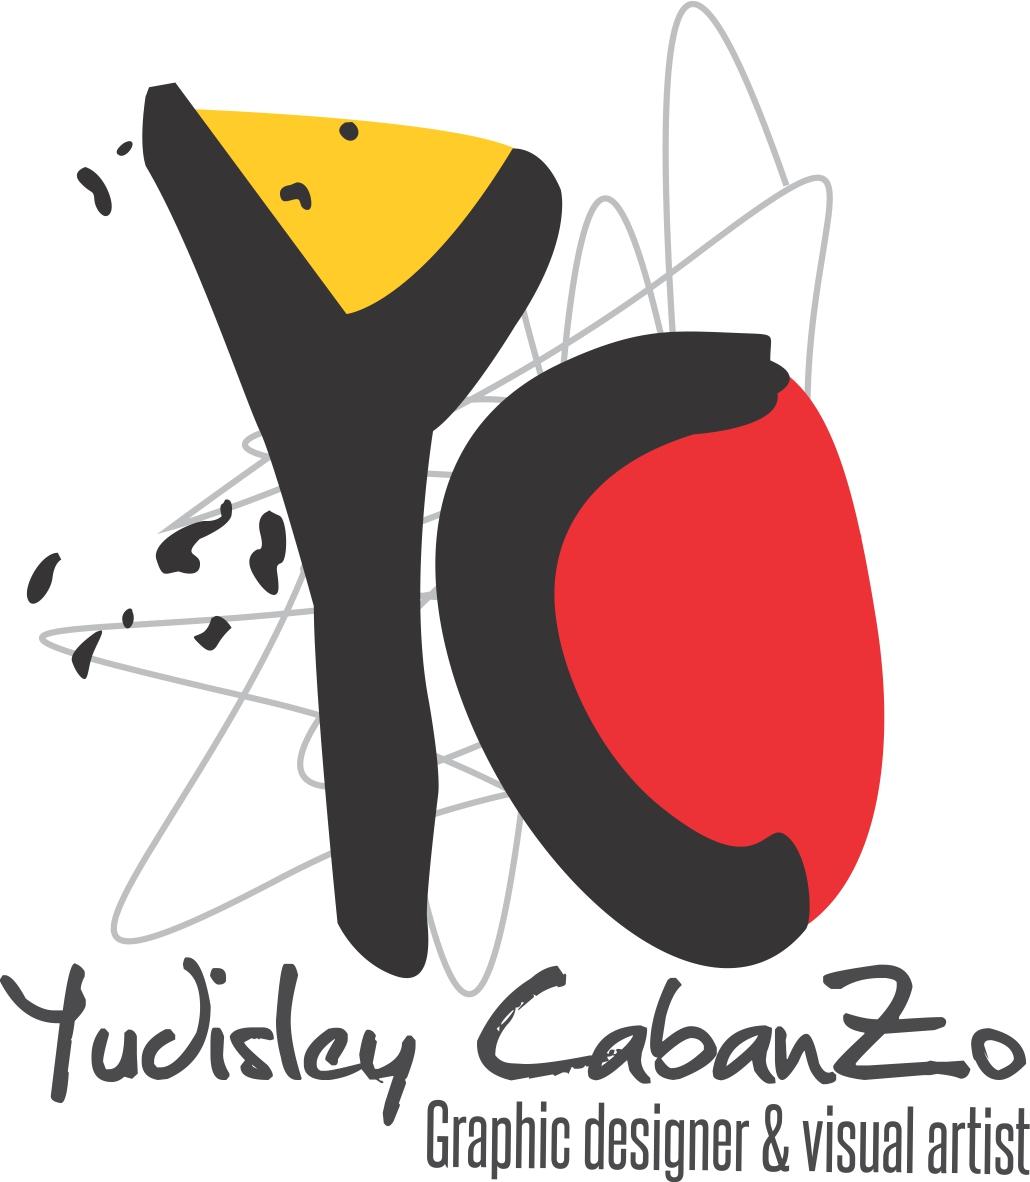 Yudisley Designer